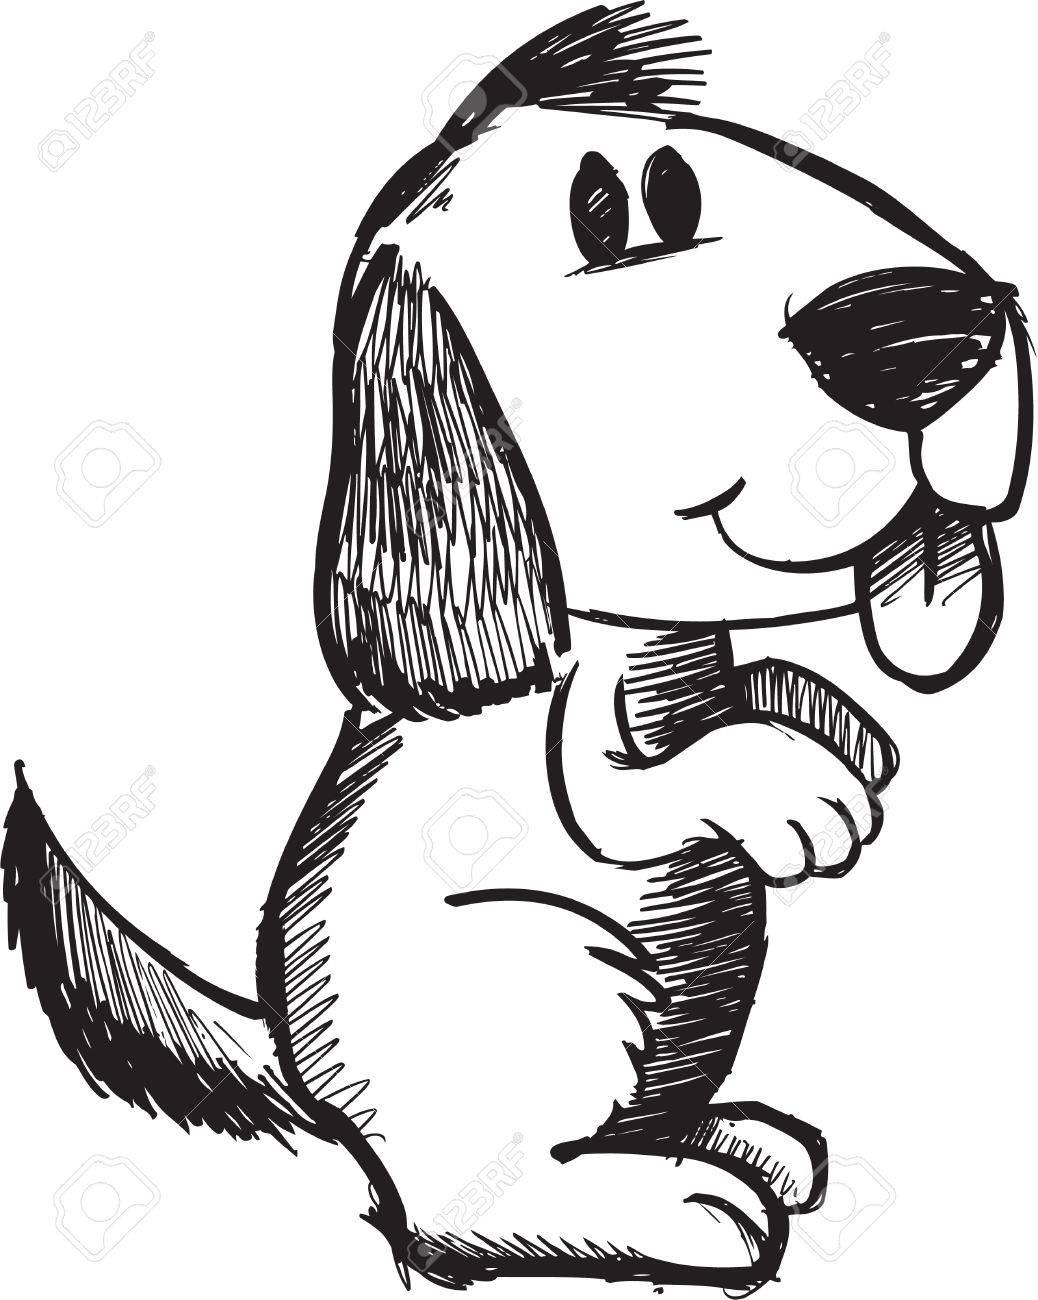 Sketchy doodle Dog Illustration - 6883671